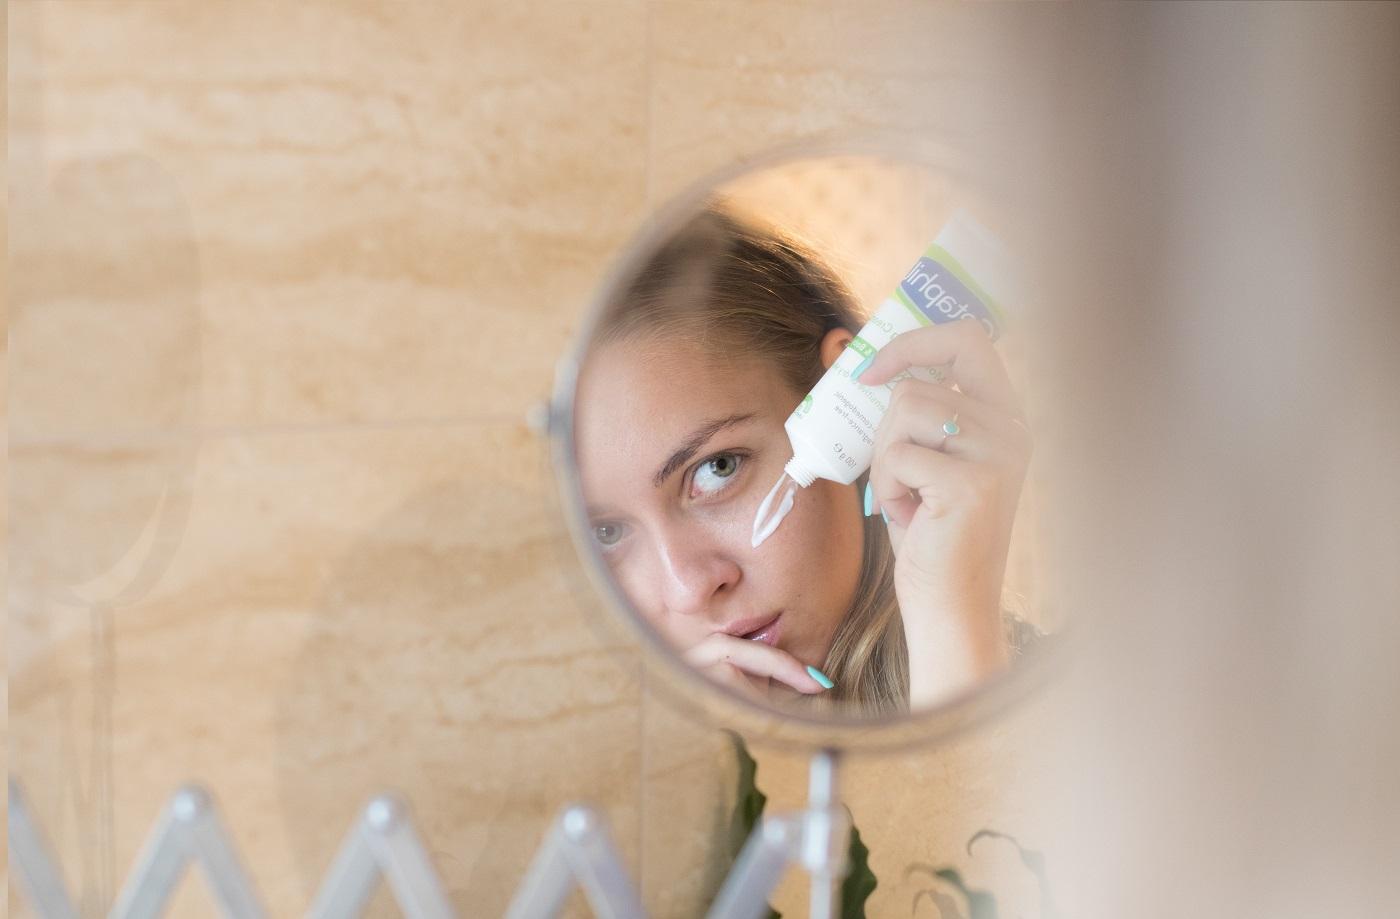 a pikkelysmr kezdete hogyan kell kezelni pikkelysömör kenőcs kezelése népi gyógymódok